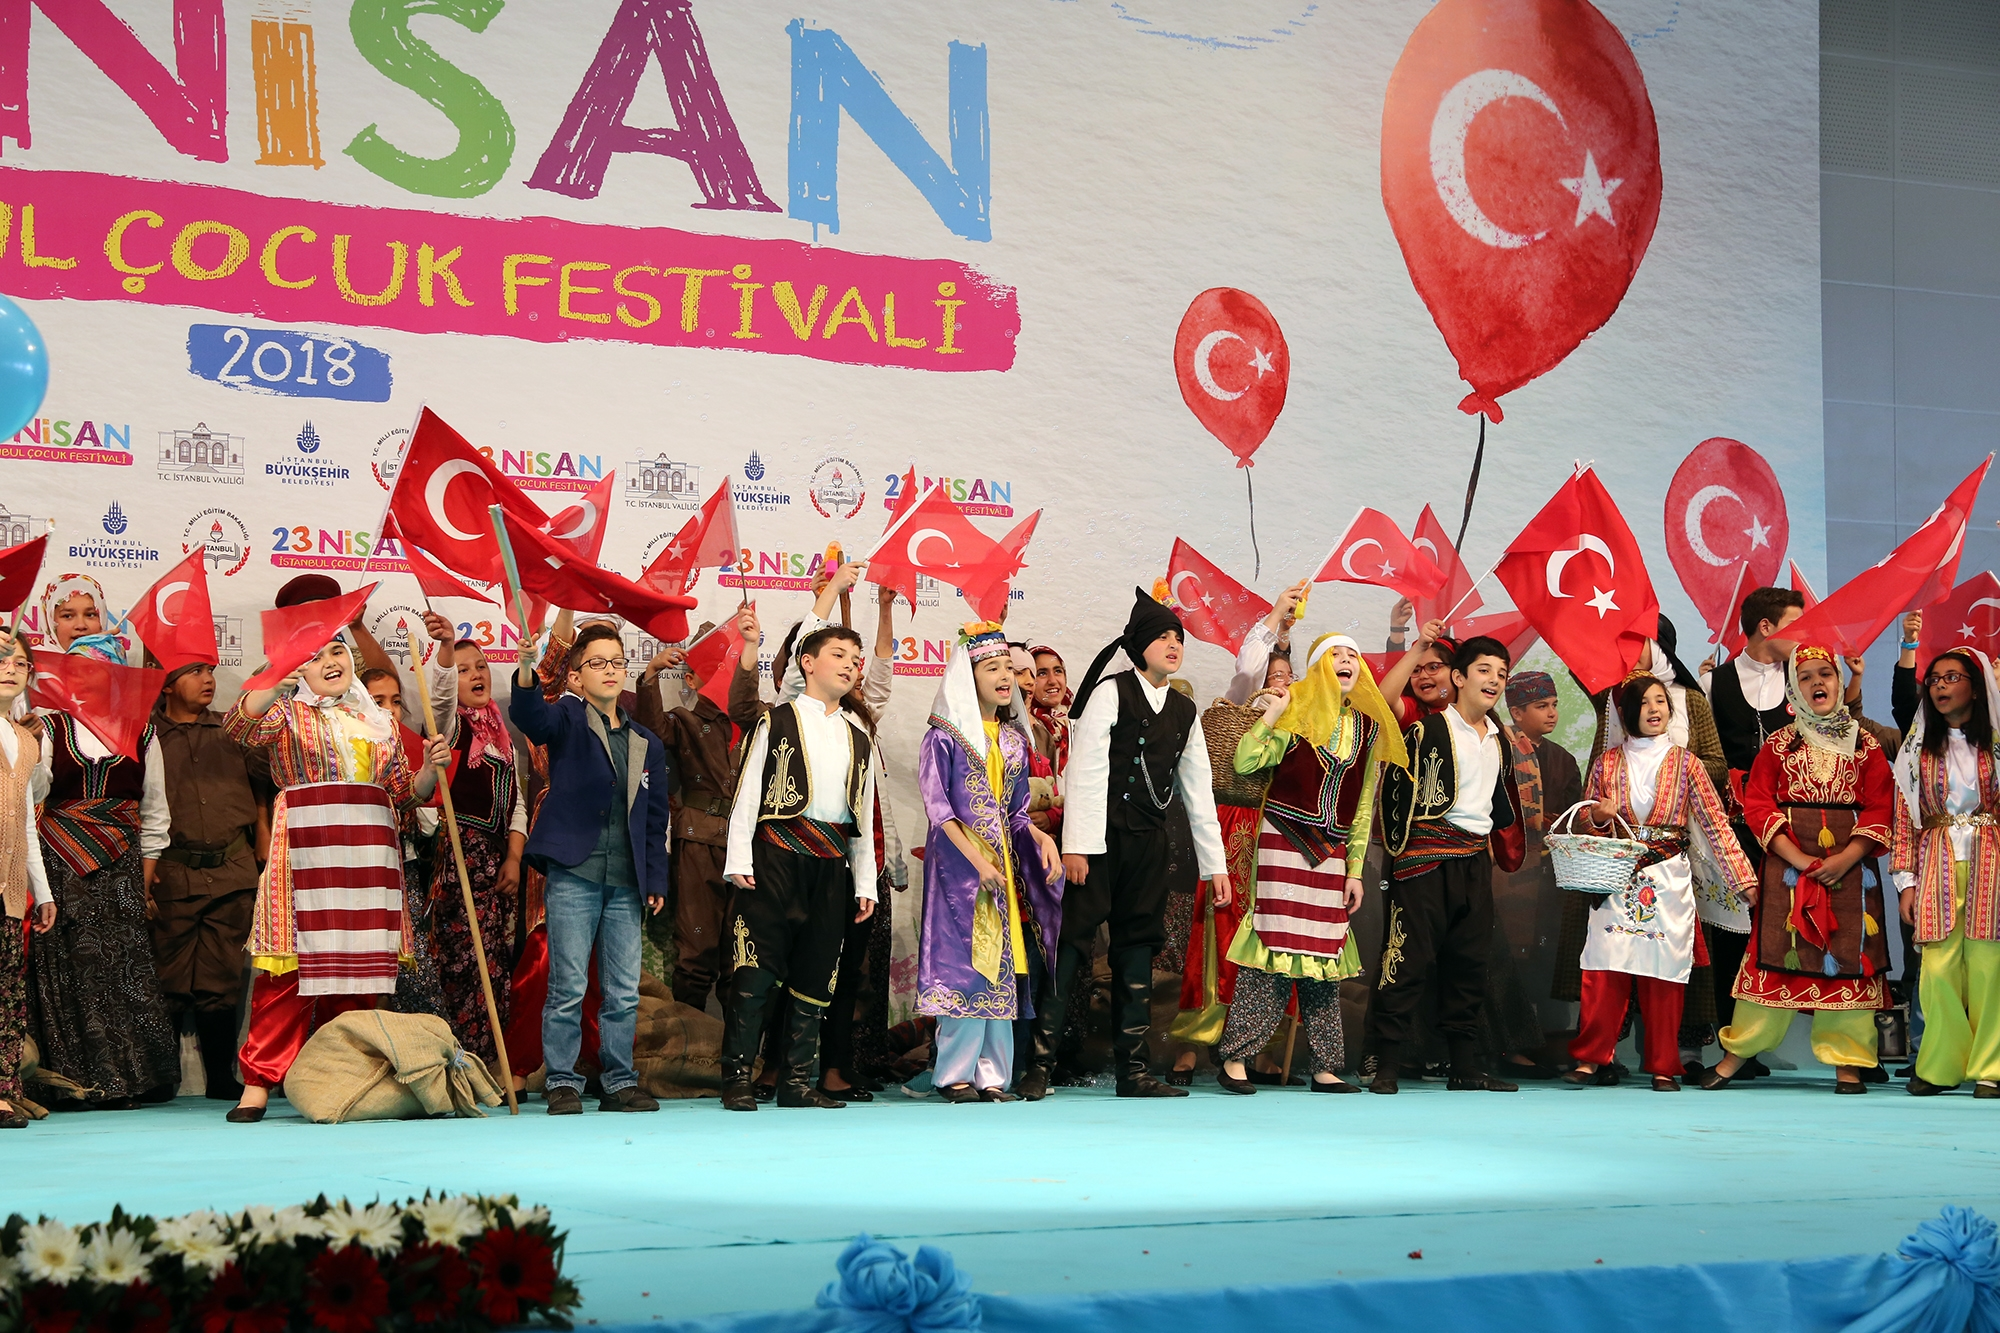 Konuşan Trafik Çocuk Oyunu Kadıköy Halk Eğitim Merkezi'nde 38